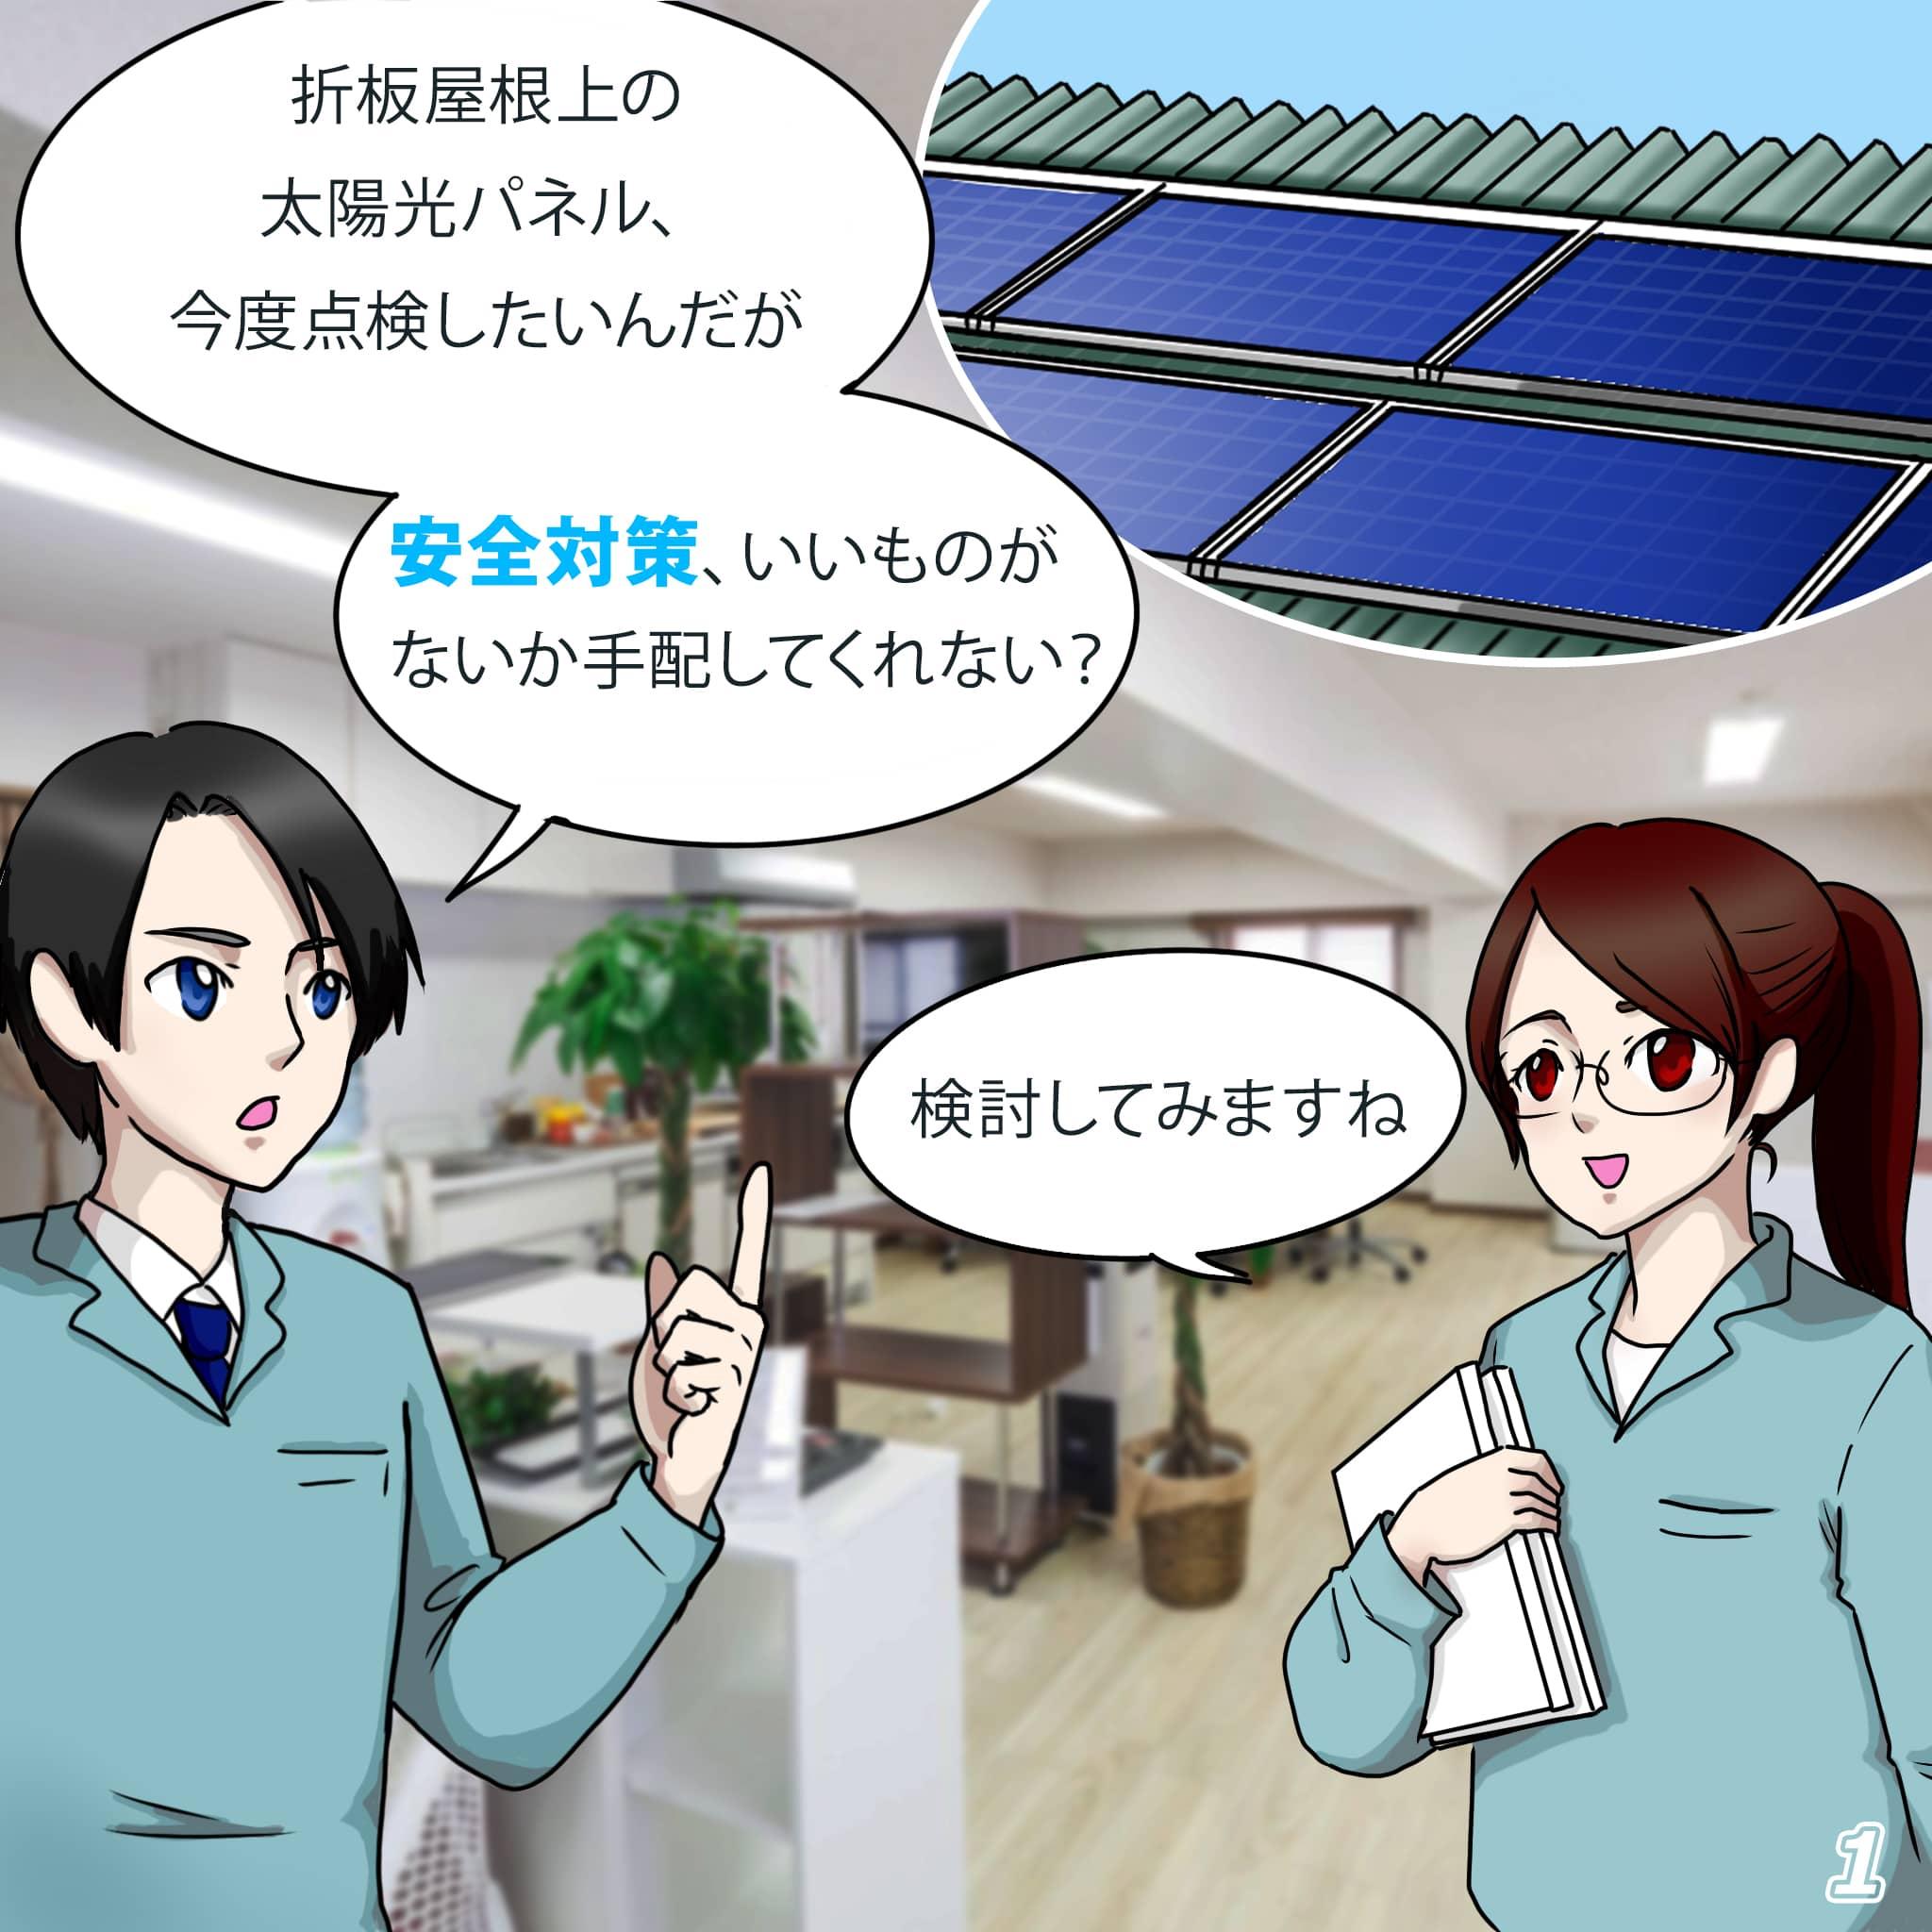 折板屋根上の太陽光パネルの点検と清掃をする際、安全作業での計画をするマンガ